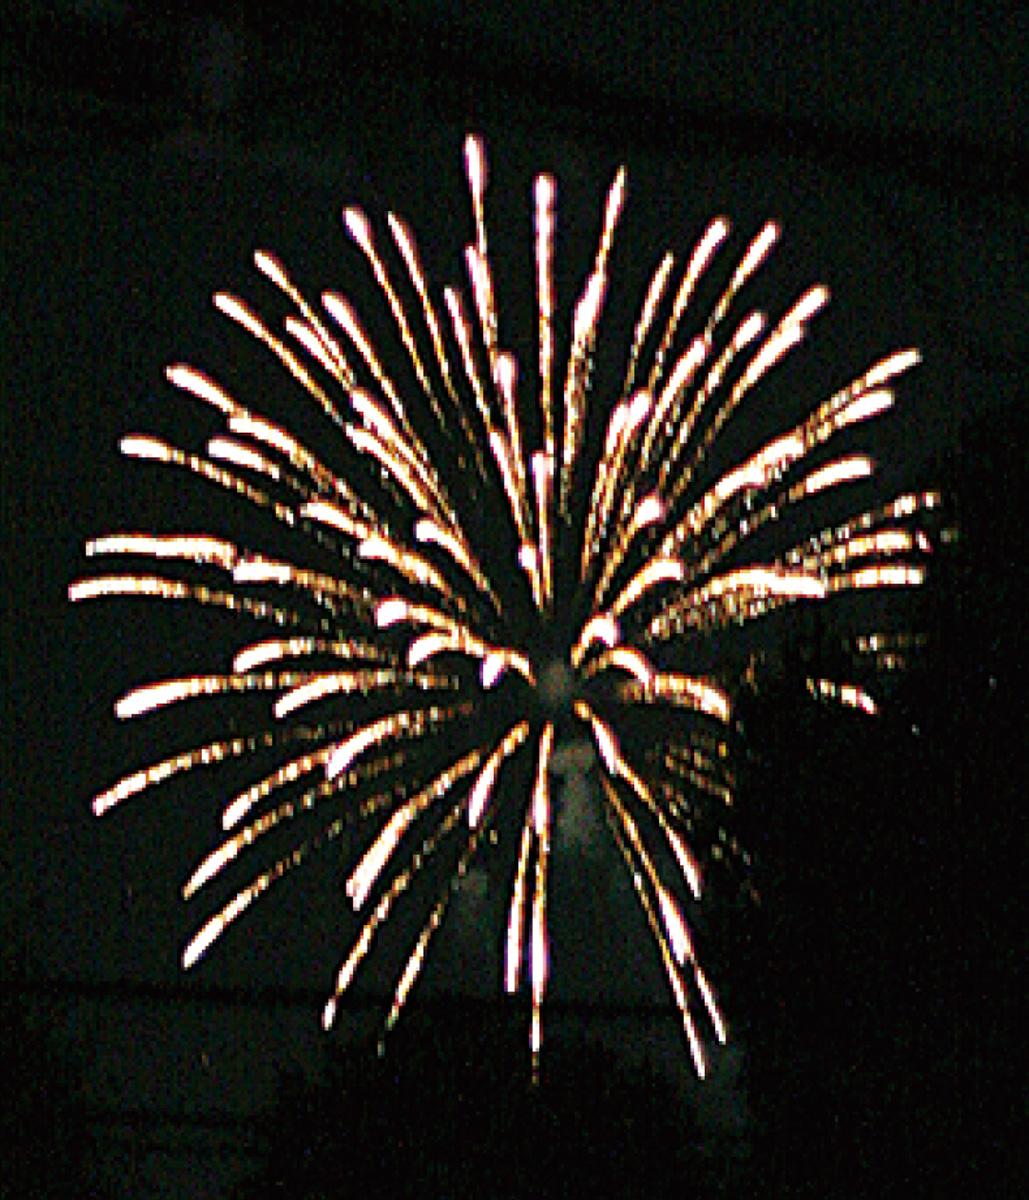 祭りで打ち上げ花火